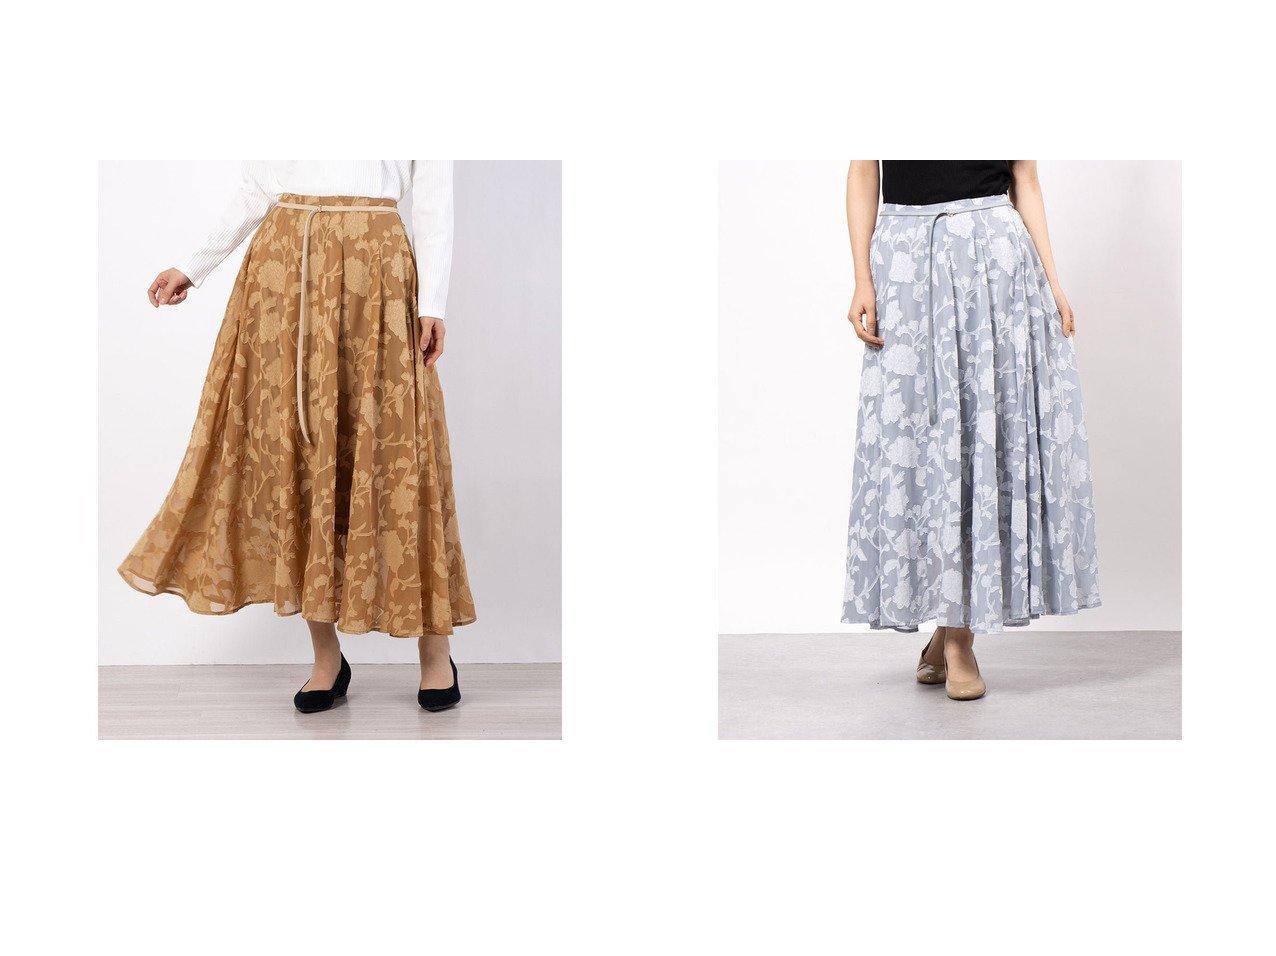 【RANDA/ランダ】のジャガードシフォンフレアスカート RANDAのおすすめ!人気、トレンド・レディースファッションの通販 おすすめで人気の流行・トレンド、ファッションの通販商品 メンズファッション・キッズファッション・インテリア・家具・レディースファッション・服の通販 founy(ファニー) https://founy.com/ ファッション Fashion レディースファッション WOMEN スカート Skirt Aライン/フレアスカート Flared A-Line Skirts 2021年 2021 2021 春夏 S/S SS Spring/Summer 2021 S/S 春夏 SS Spring/Summer シンプル フレア 春 Spring  ID:crp329100000019969